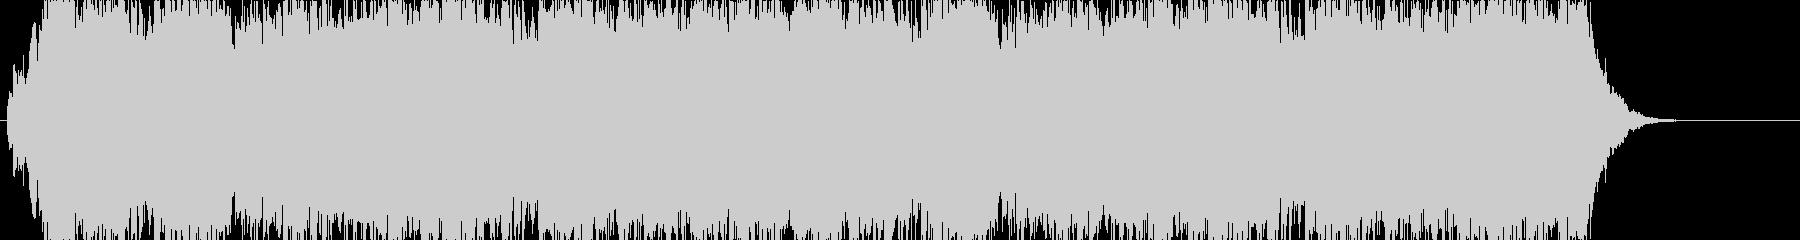 オーケストラ 感動 勝利 エンディングの未再生の波形